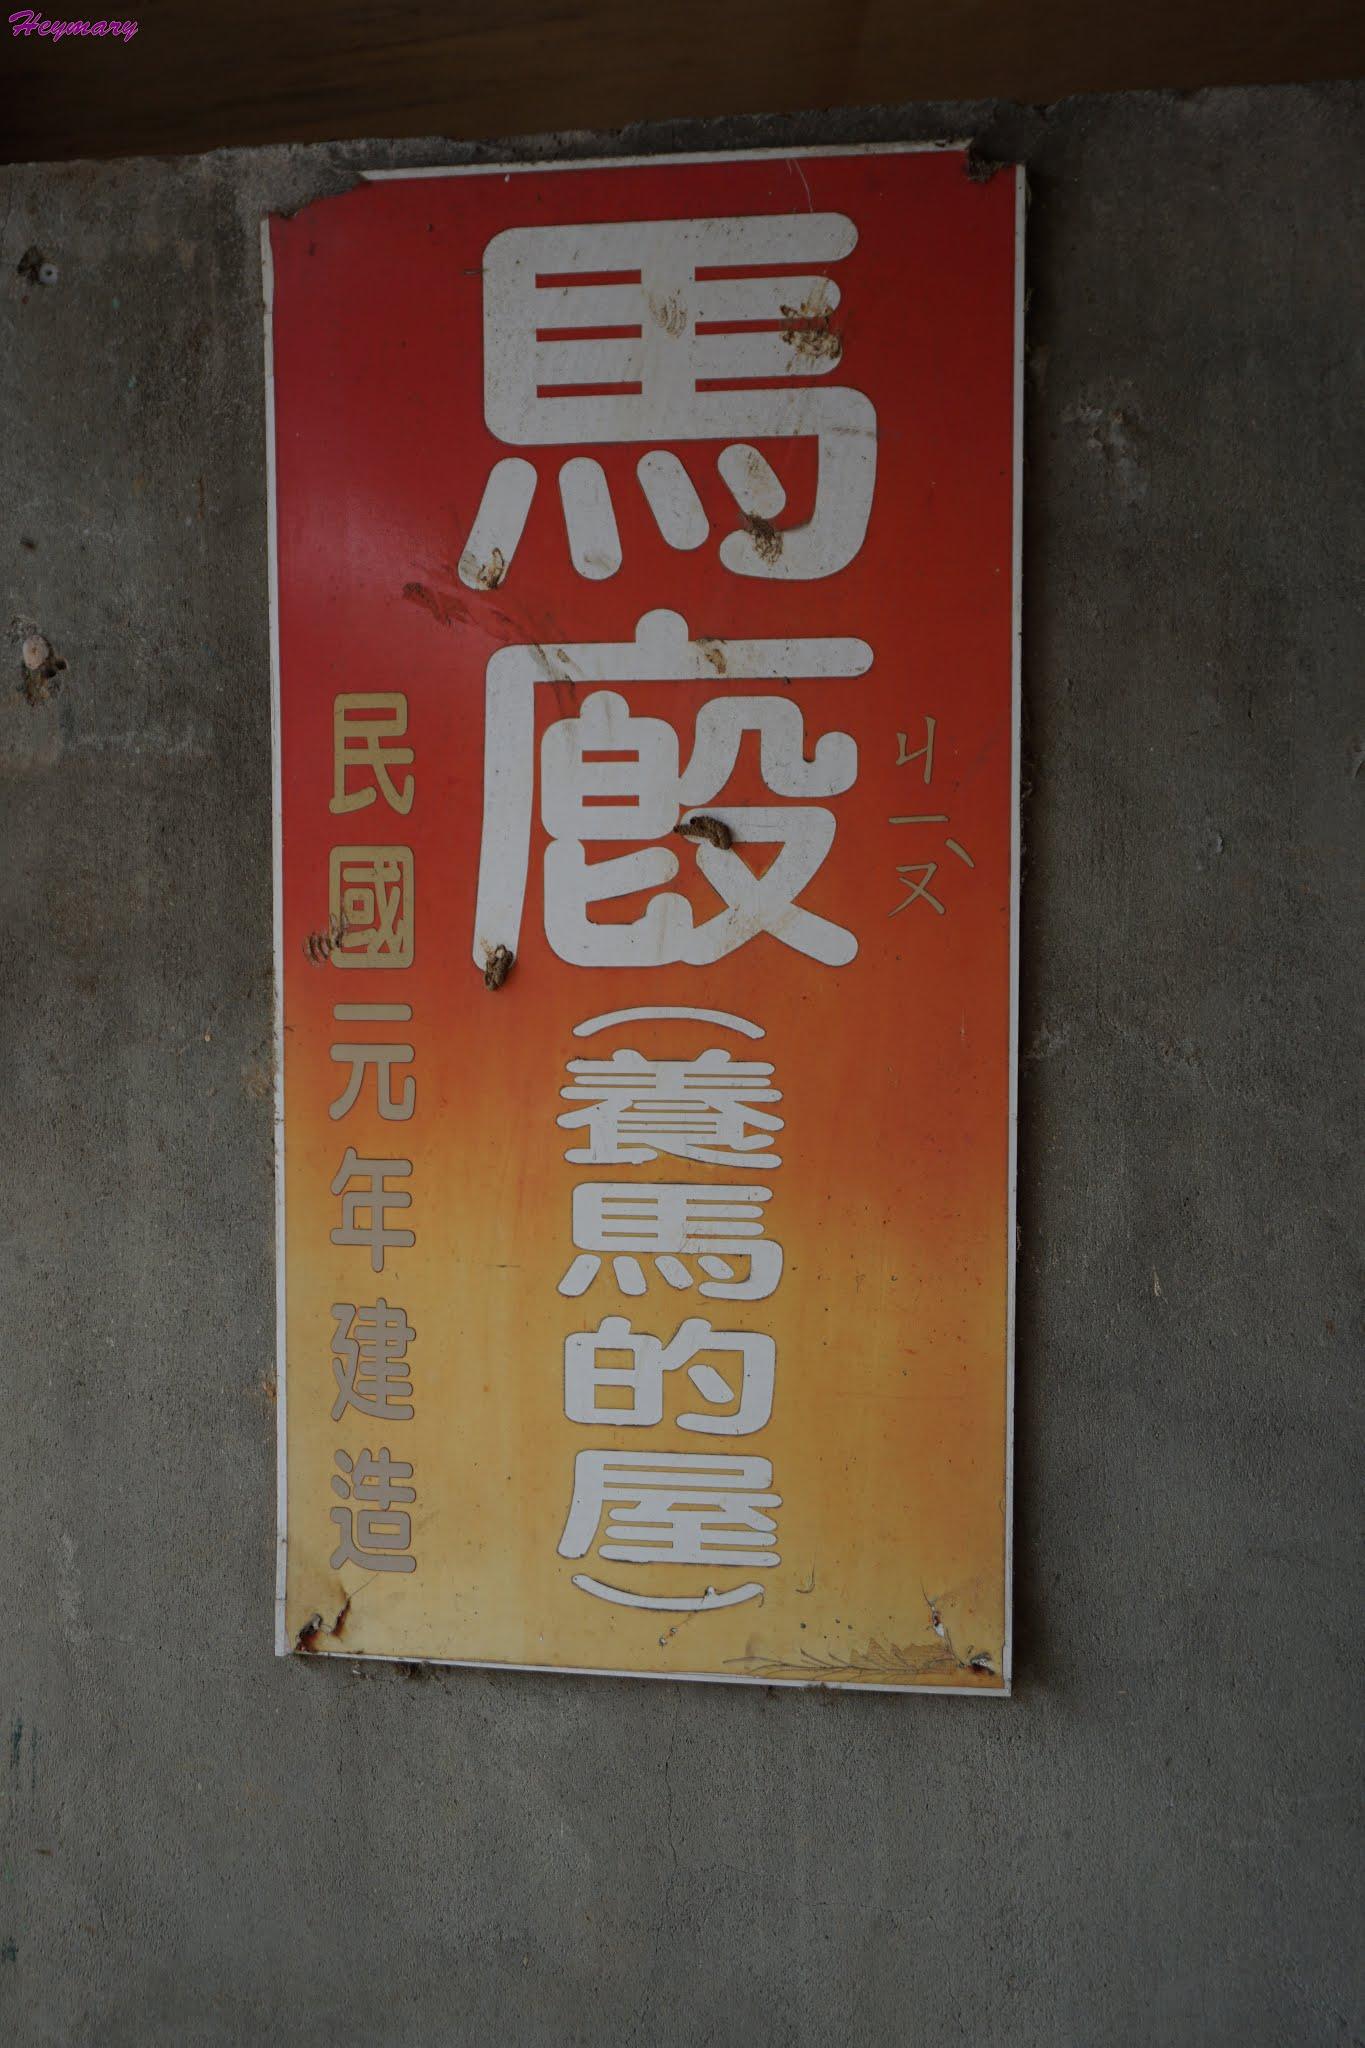 臺中世界花卉博覽會(后里馬場園區)